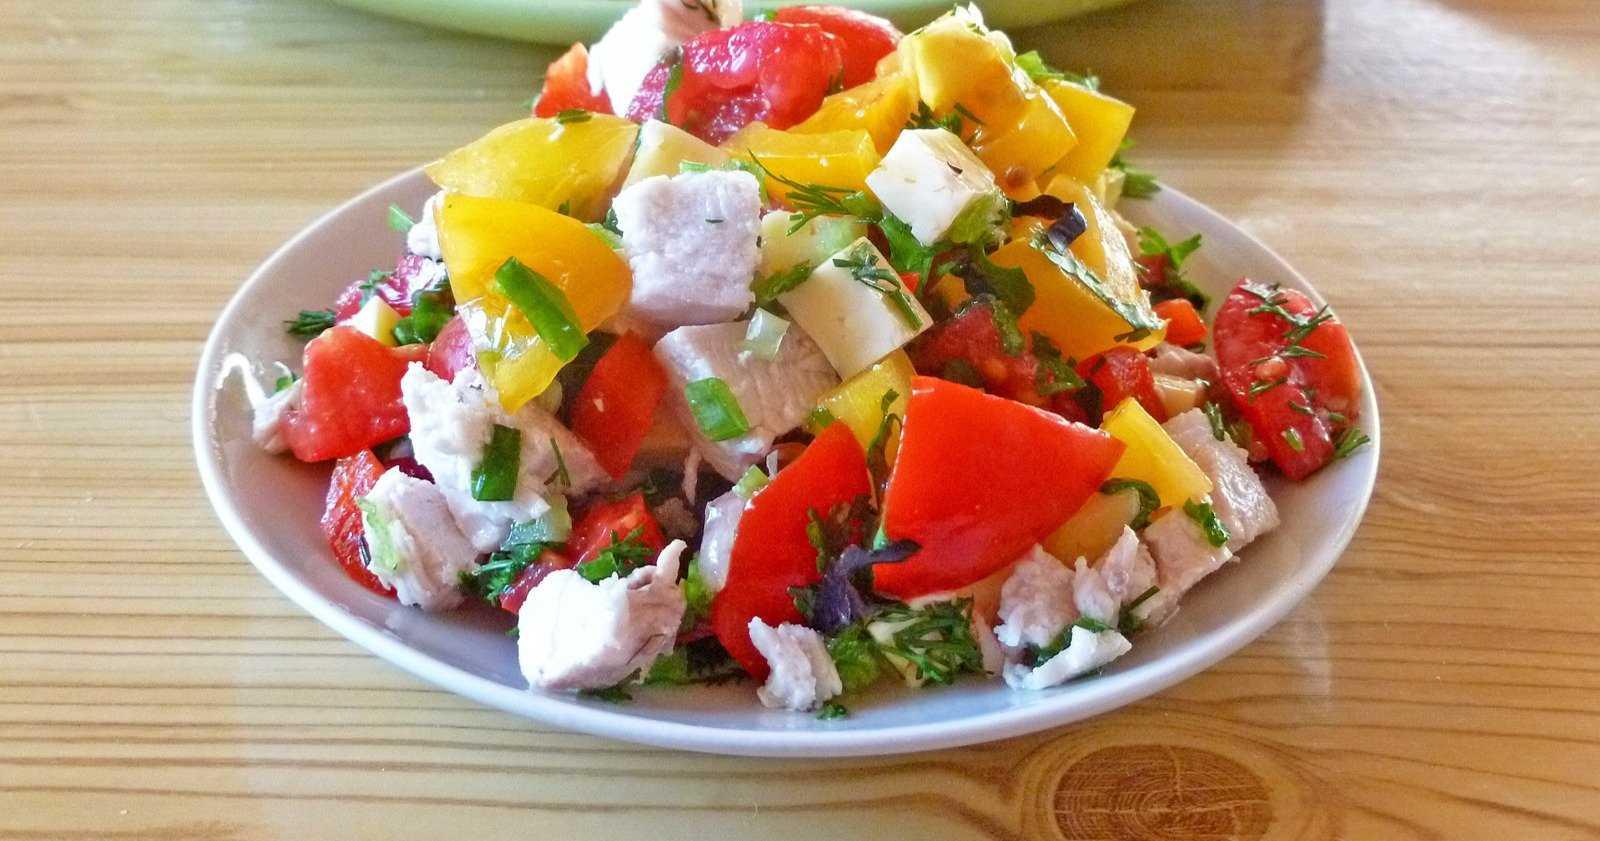 Салат с грибами и сыром метелица рецепт с фото пошагово - 1000.menu